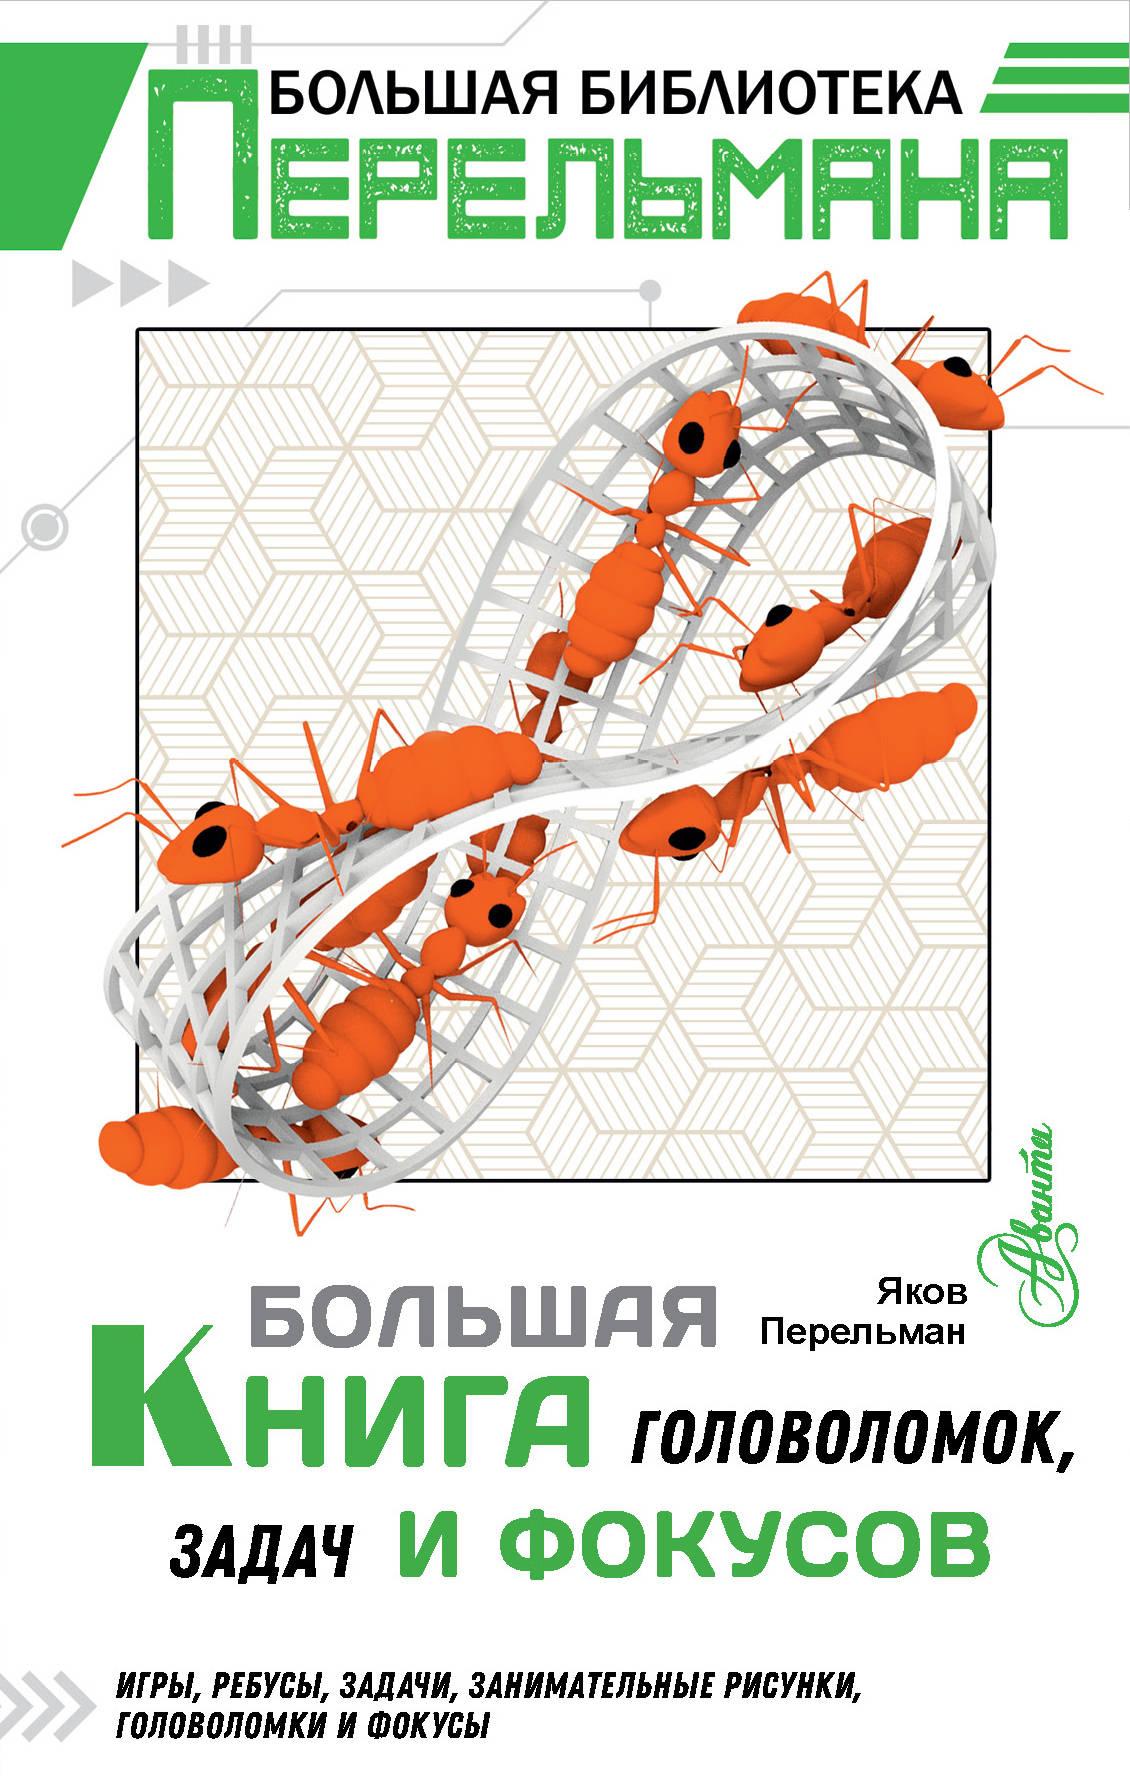 Bolshaja kniga golovolomok, zadach i fokusov